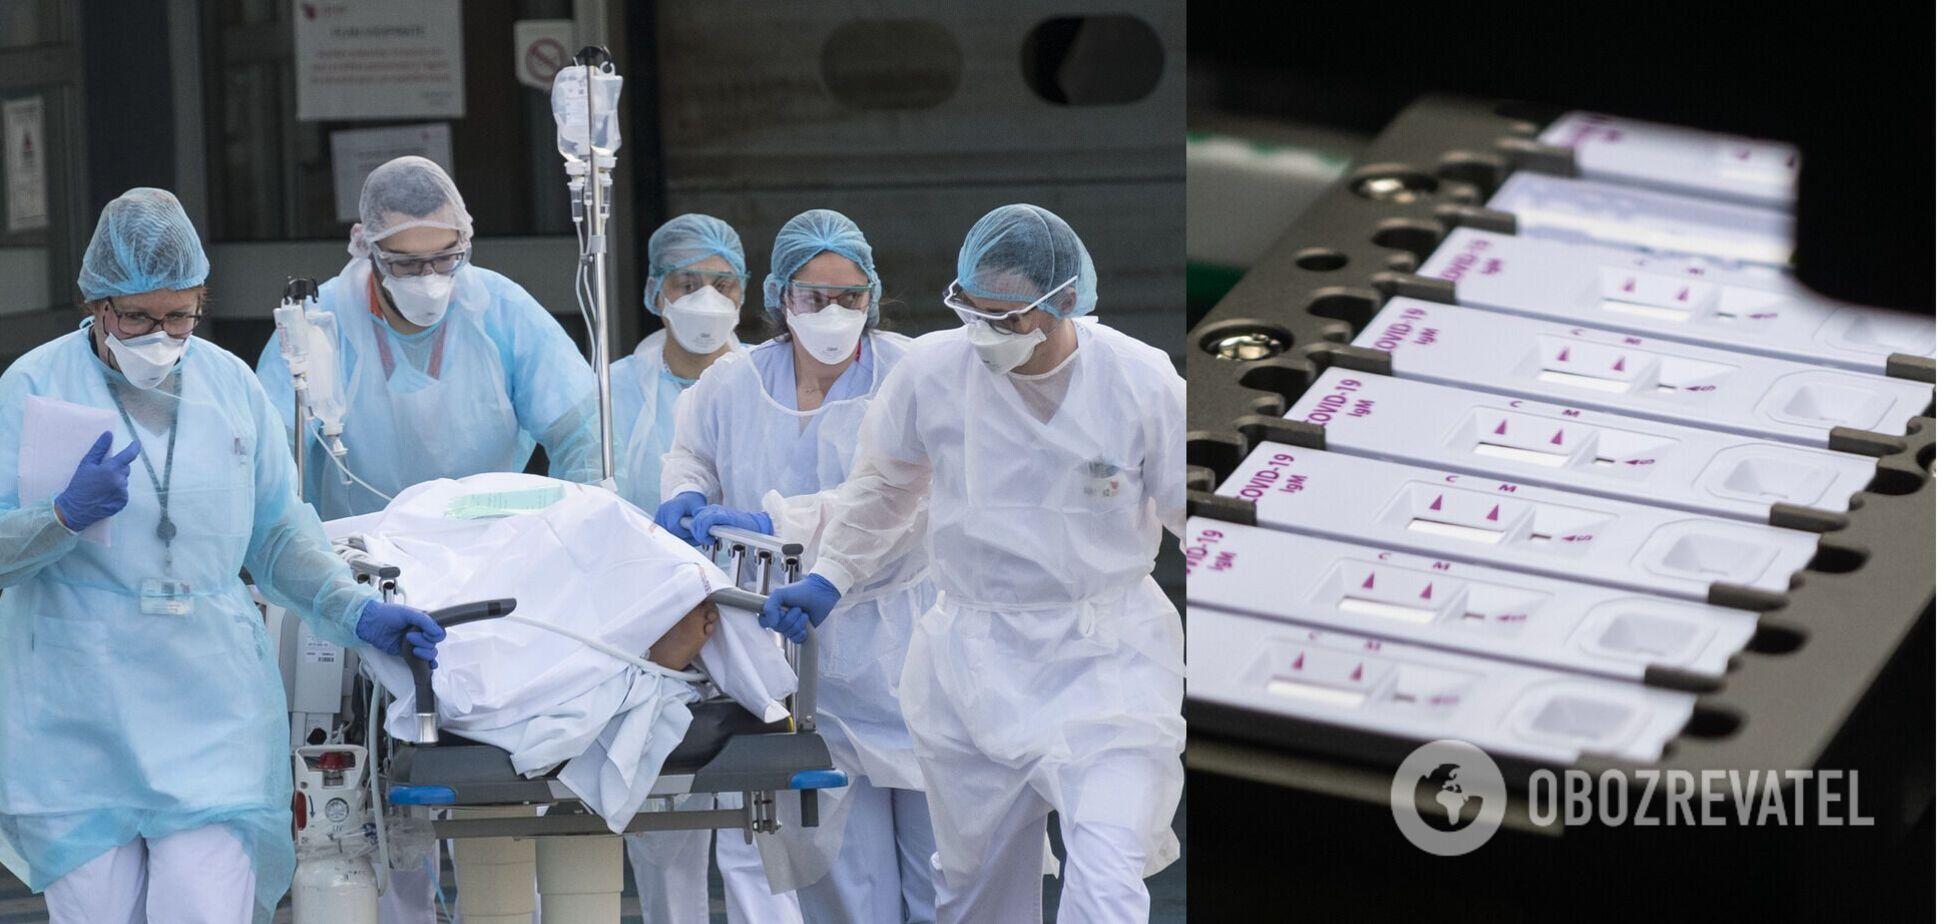 Спада COVID-19 в Украине нет: эпидемиолог заявил о манипуляциях со статистикой